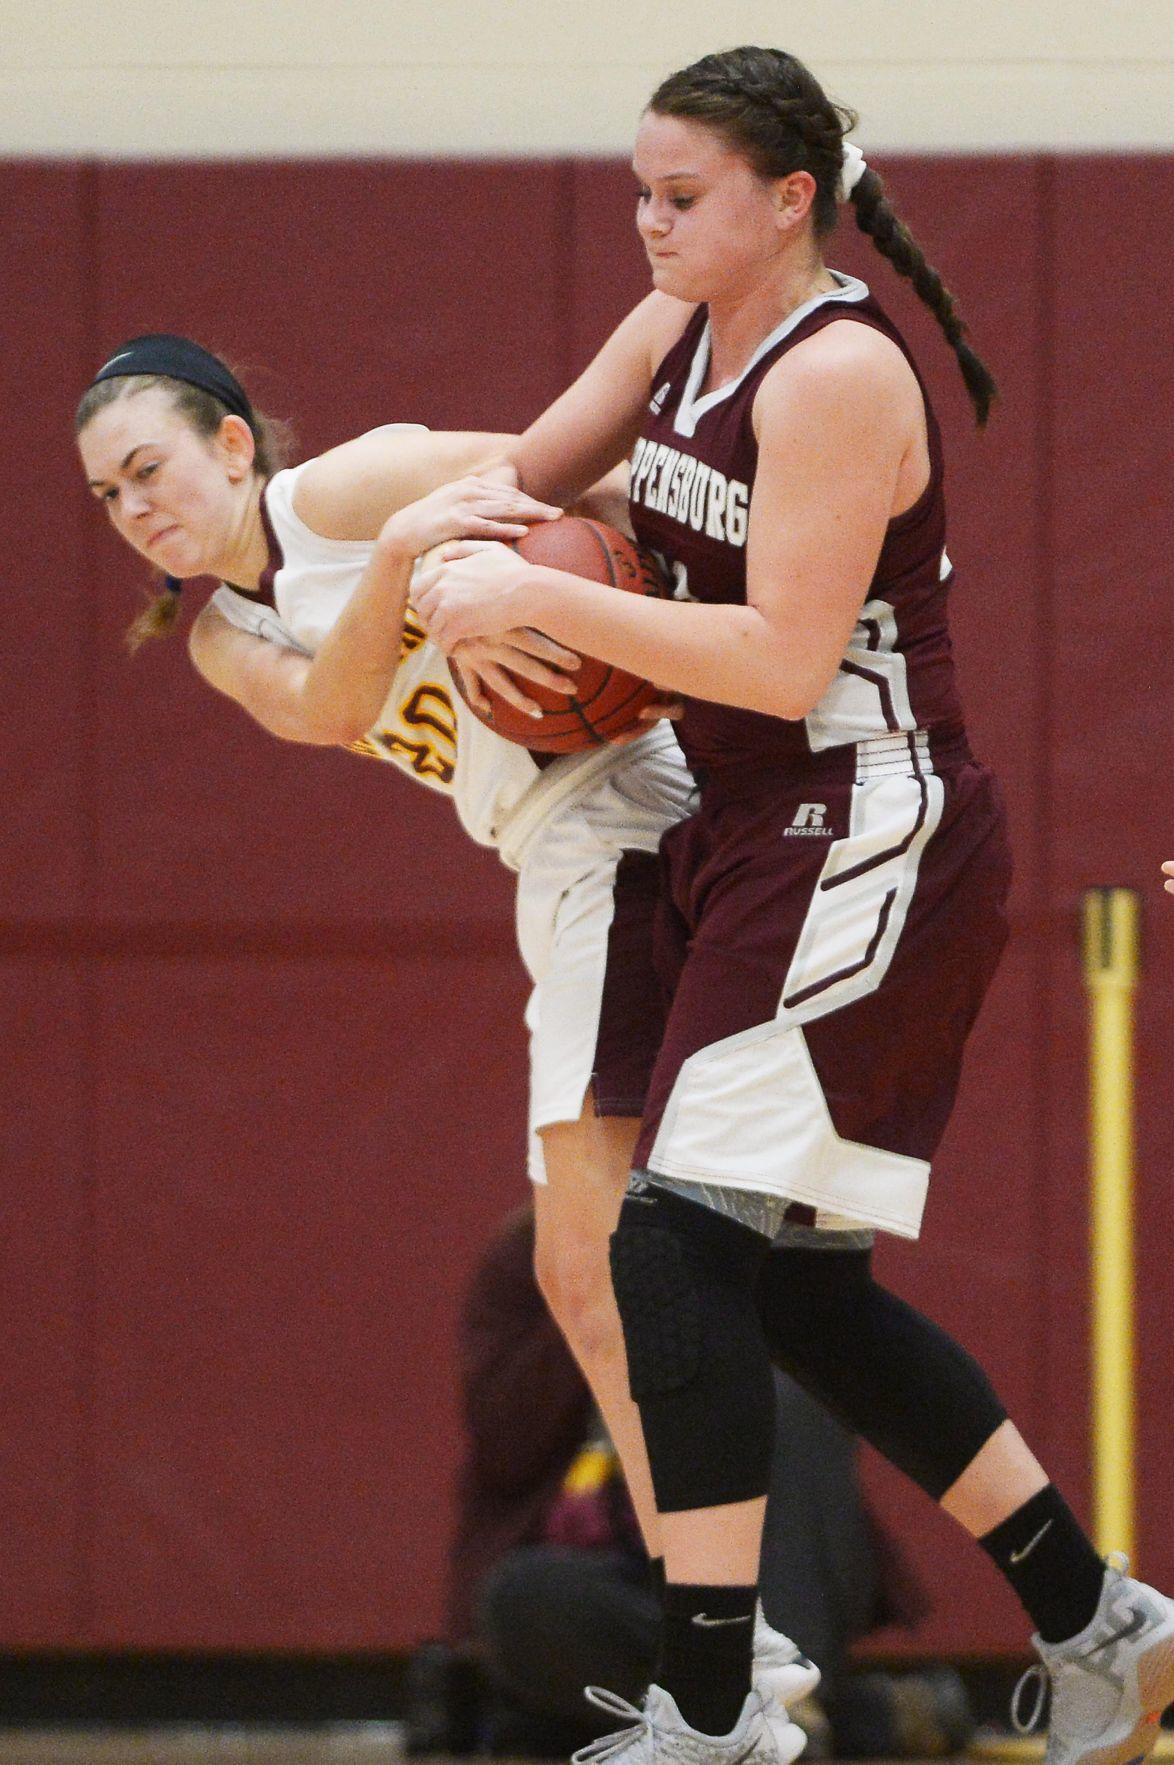 Girls Basketball: Shippensburg at Big Spring (copy)